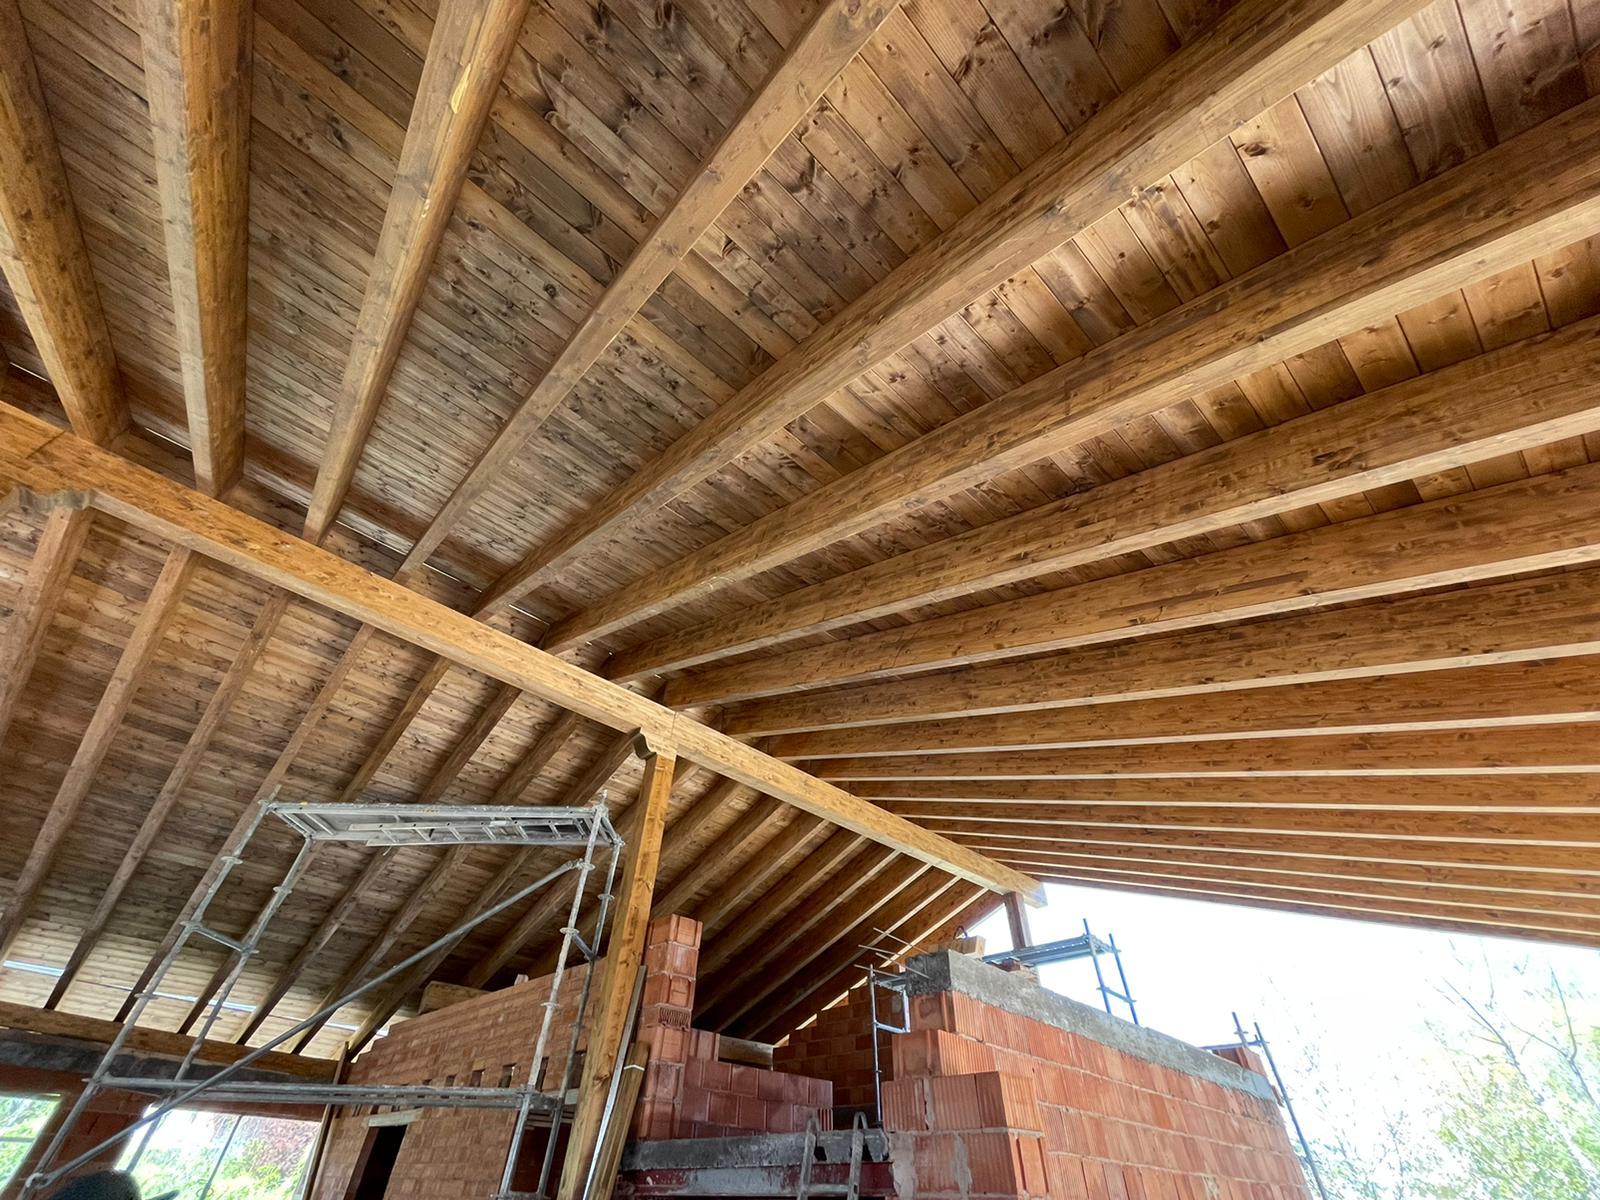 cubierta madera vigas cabios grande